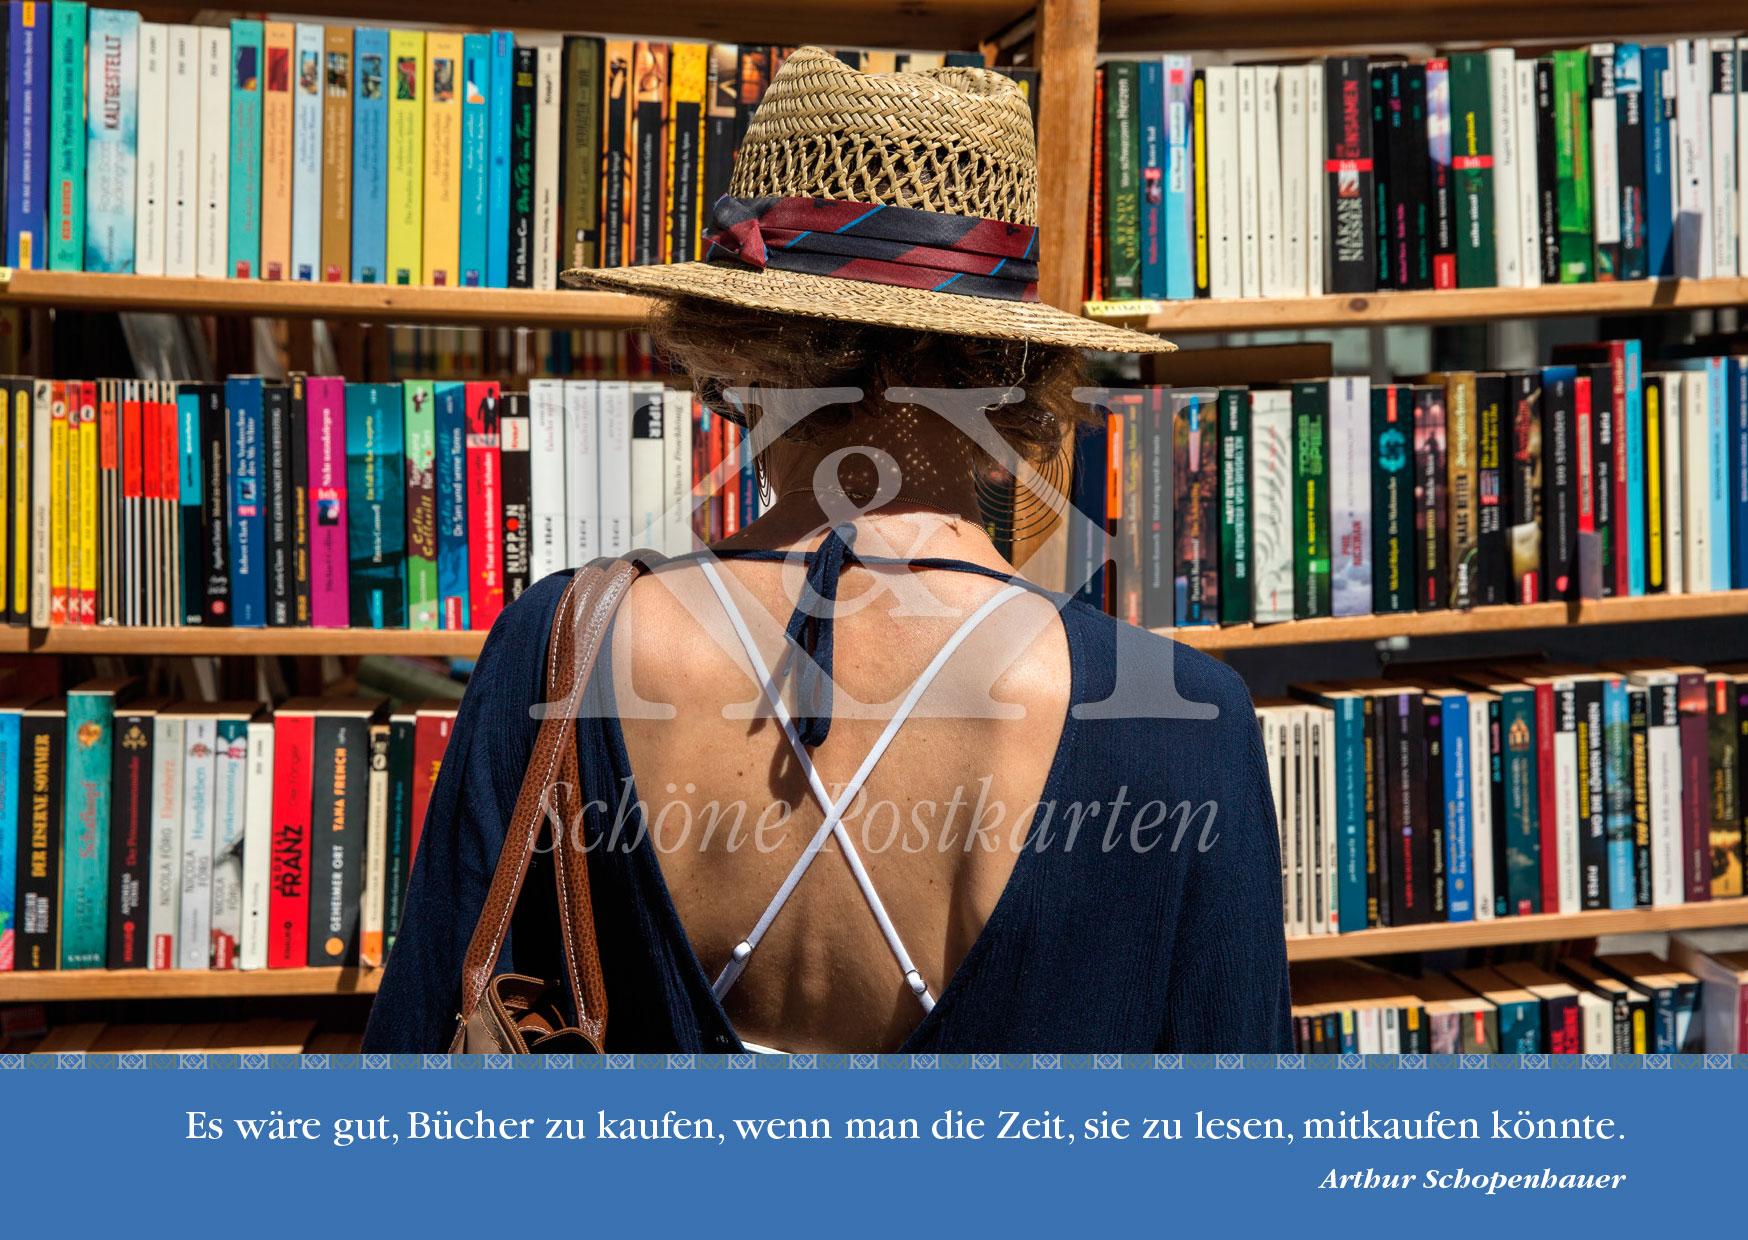 <strong>Schöne Postkarte Nr. 230</strong> · Tübinger Bücherfest: Rücken an Rücken © 2018